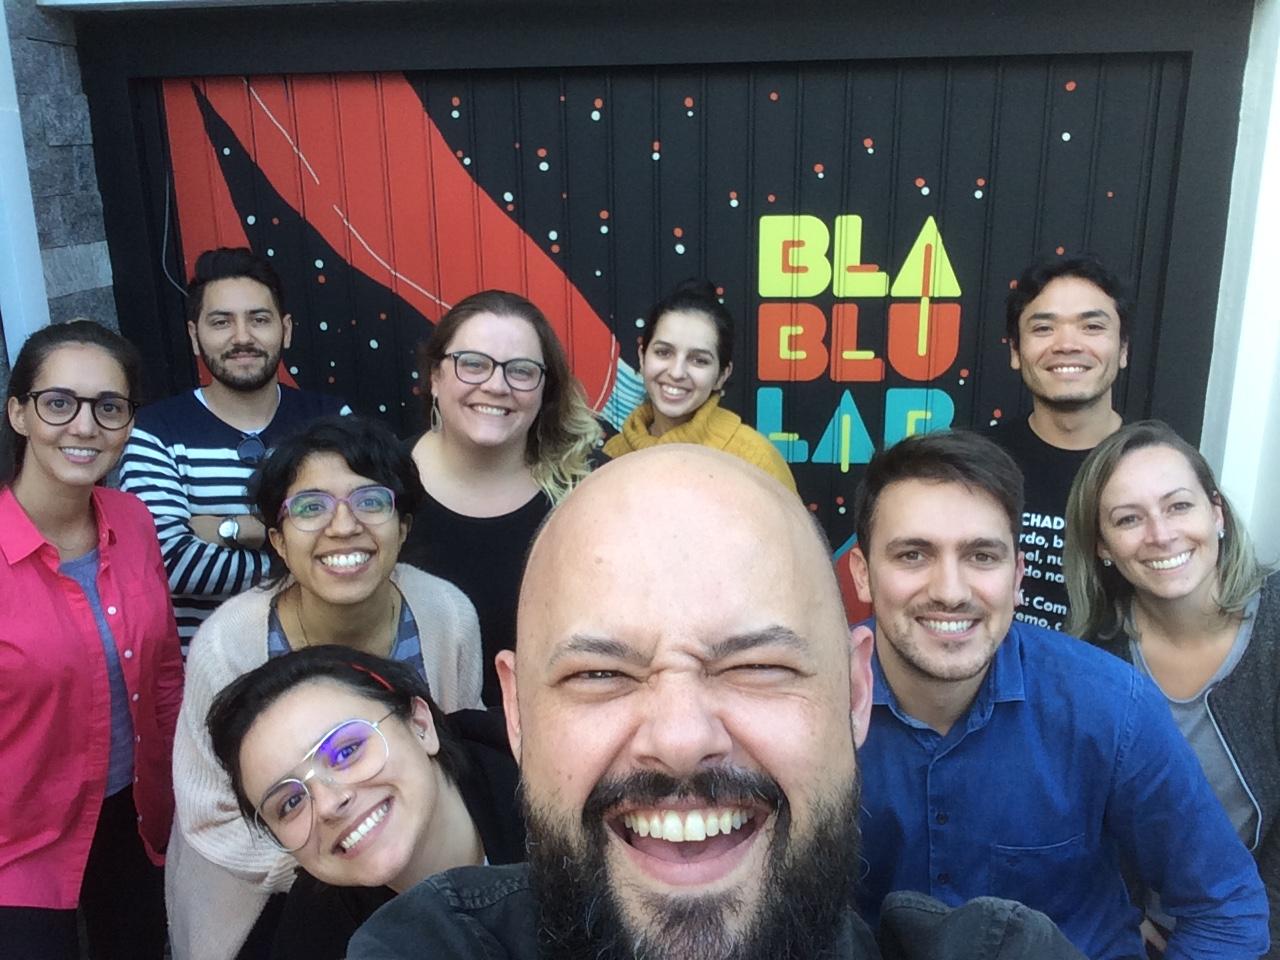 Foto em estilo Selfie com os 9 participantes e mais o Tulio Filho em destaque.